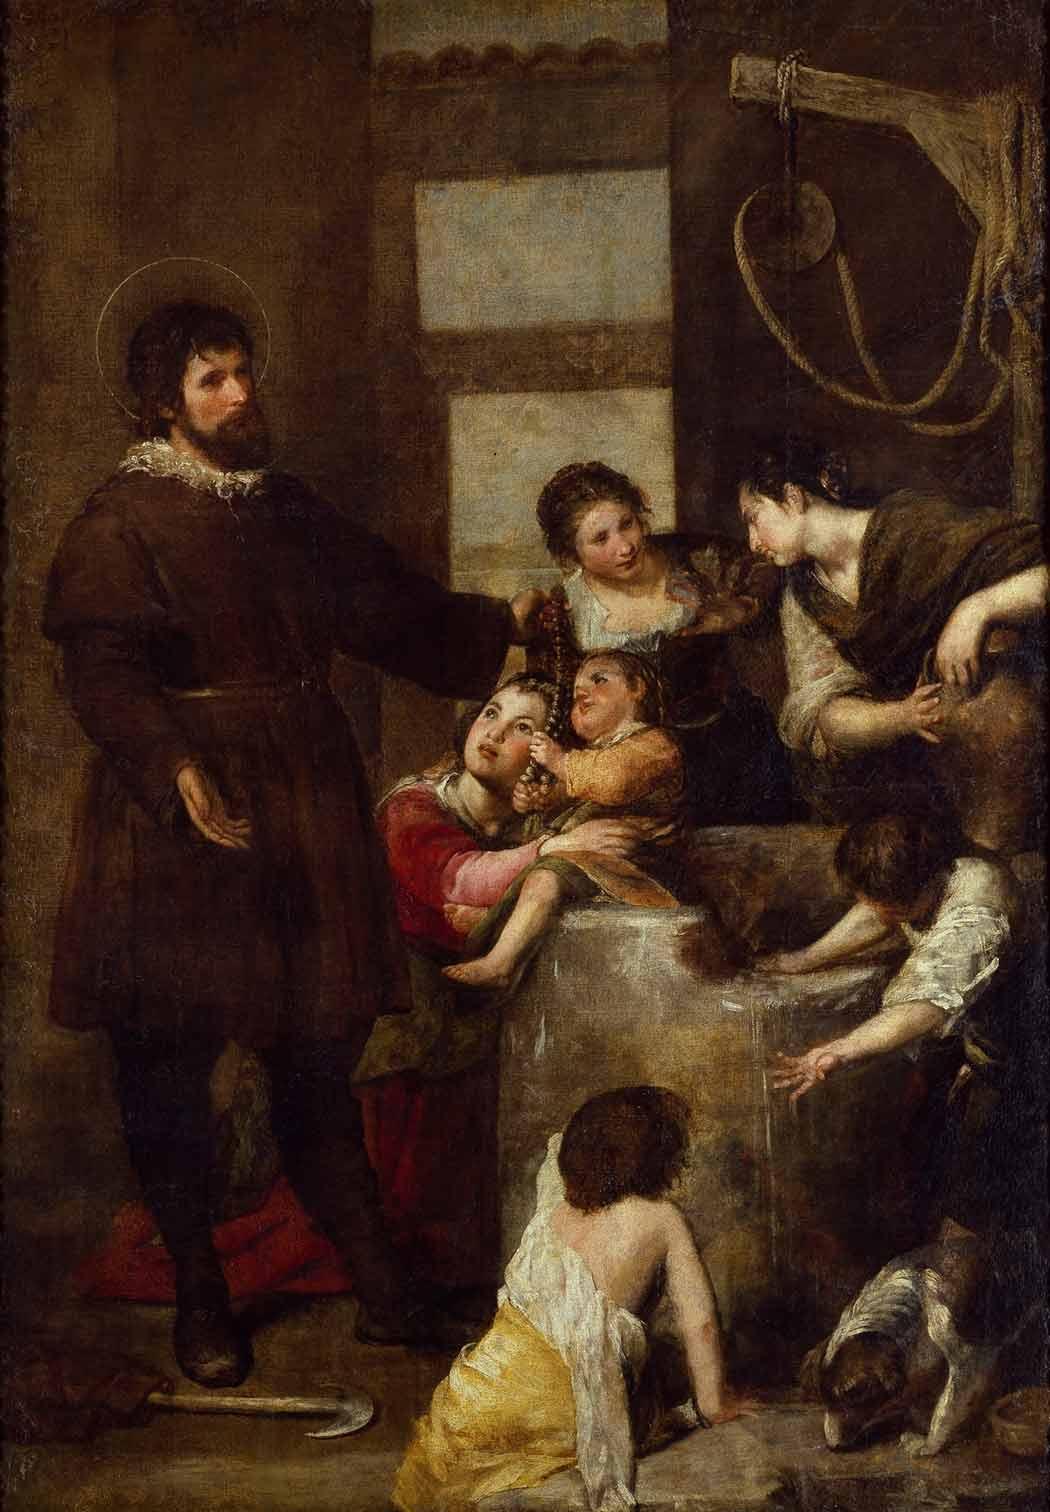 """""""El milagro del pozo"""", Alonso Cano, 1638-1640, Madrid, Museo del Prado."""